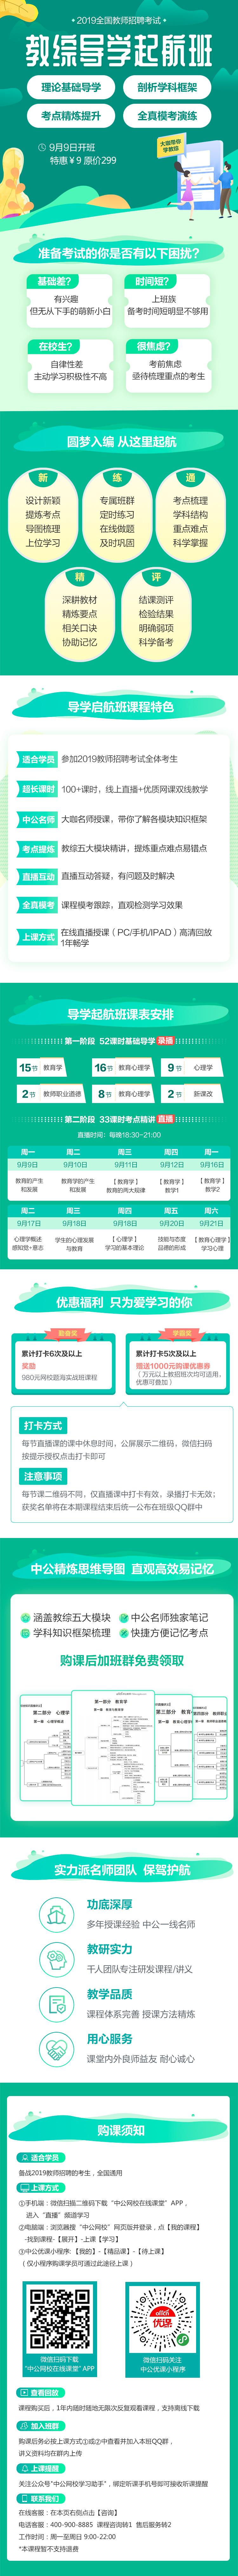 教综起航班详情页7期.jpg